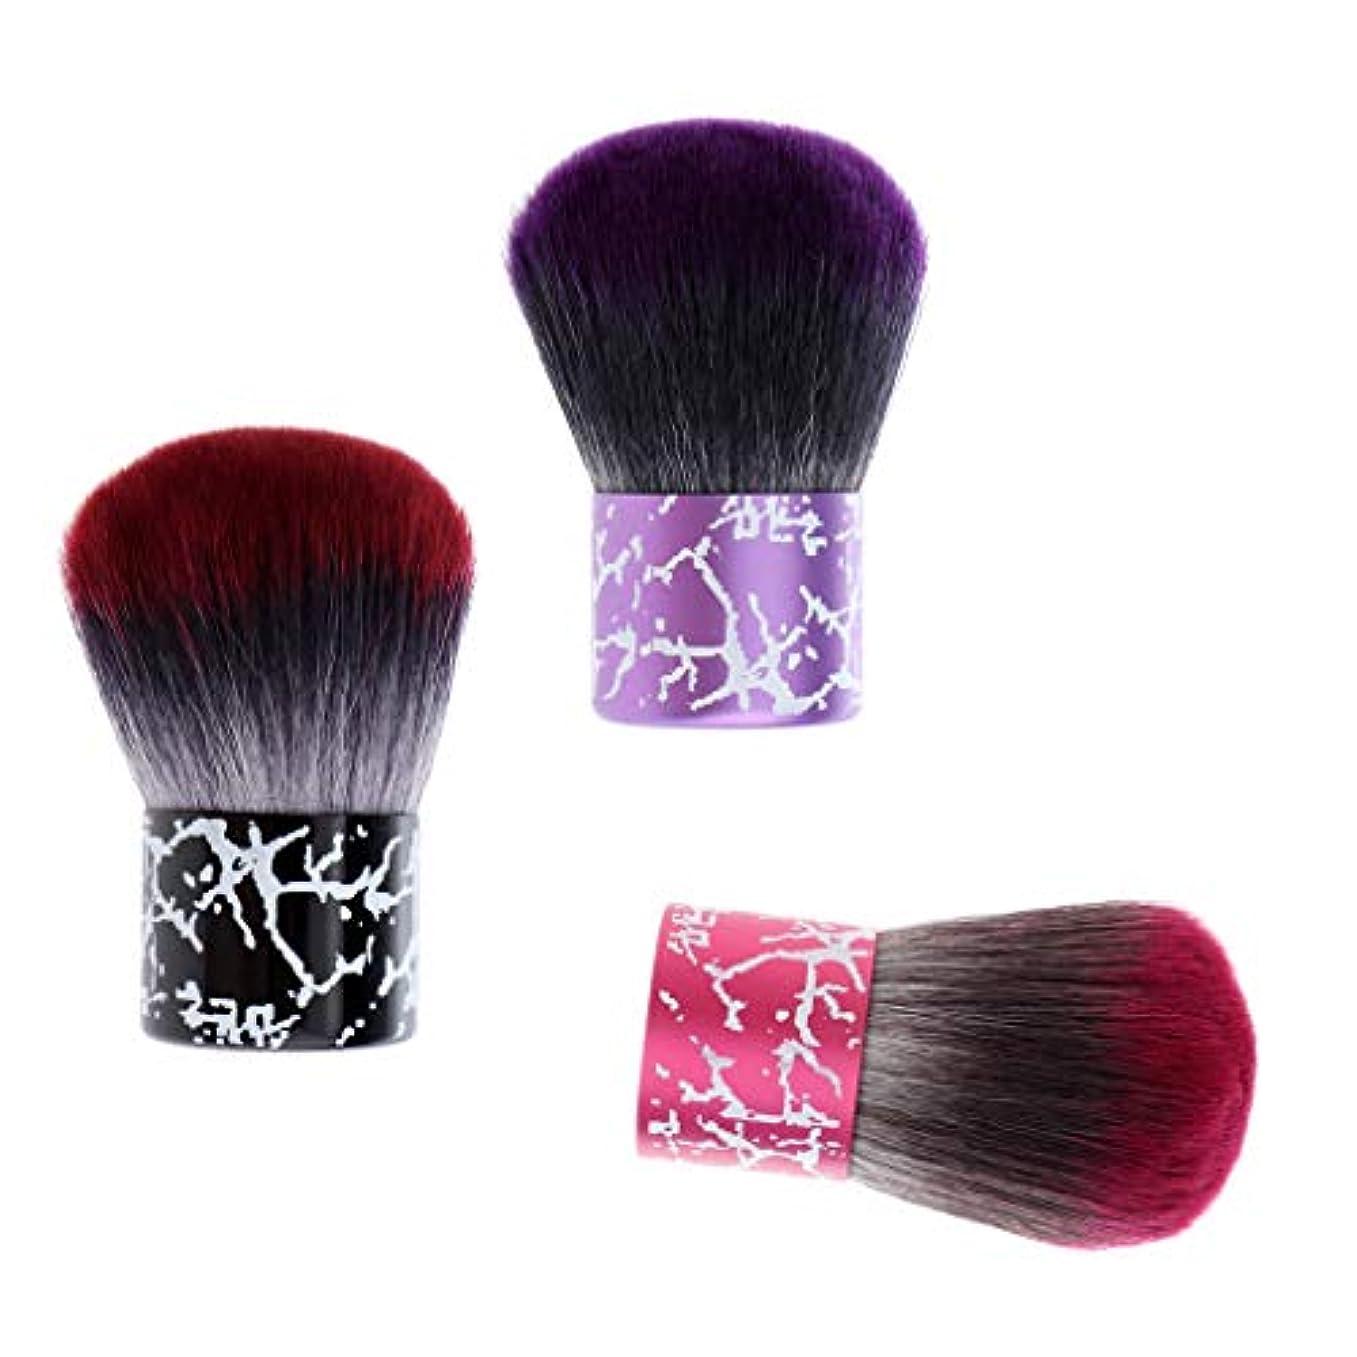 ごみトイレ終わりDYNWAVE 3個入 ヘアブラシ 理髪 ネック フェイス ダスターブラシ クリーニング ヘアブラシ ヘアスイープブラシ